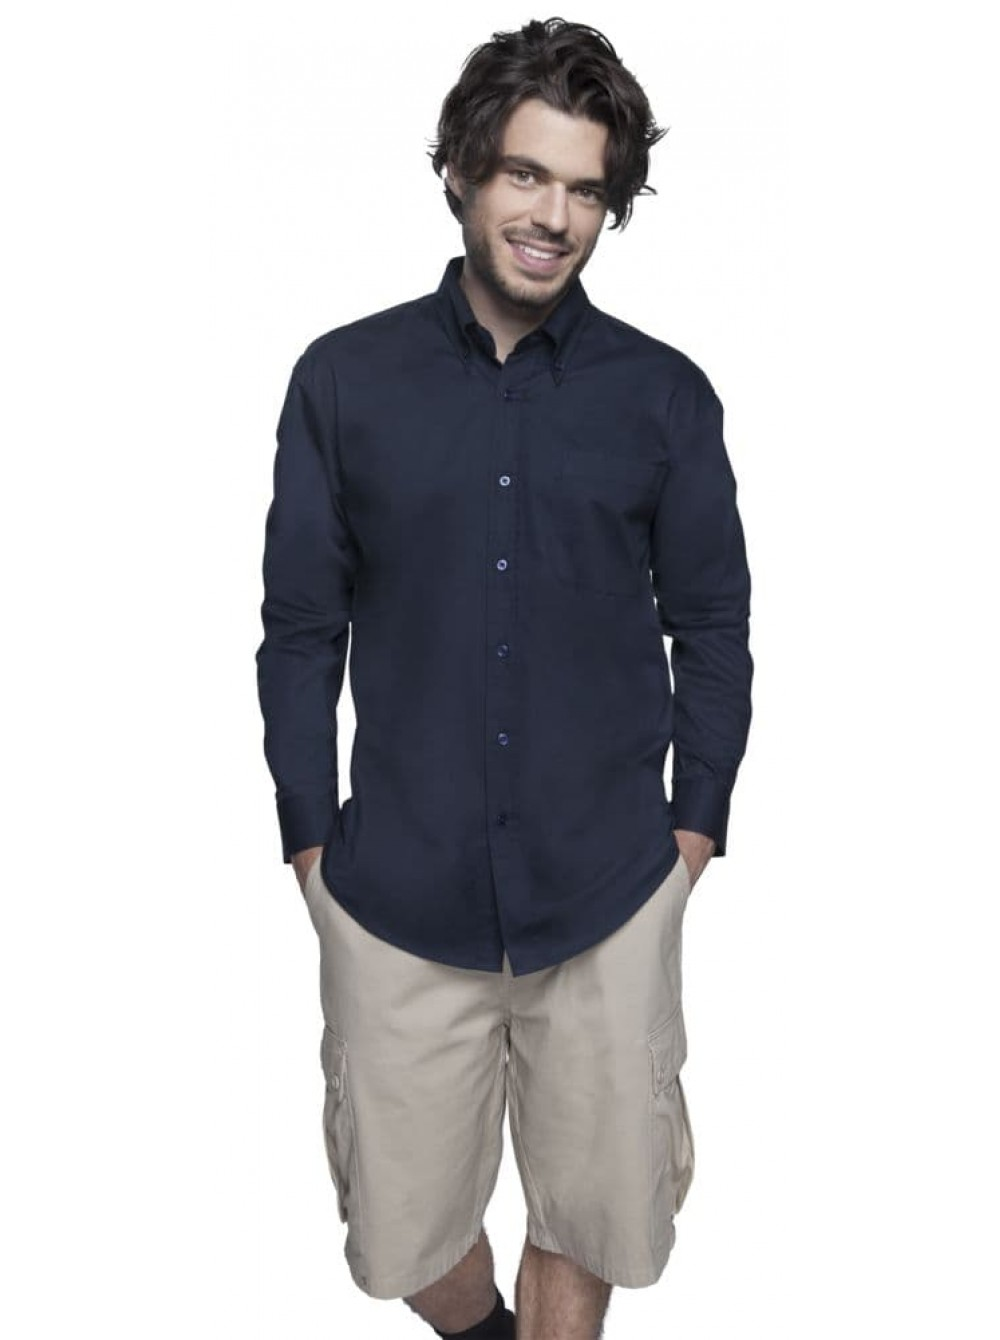 a4381956660 2506 Рубашка мужская с длинным рукавом BEL AIR